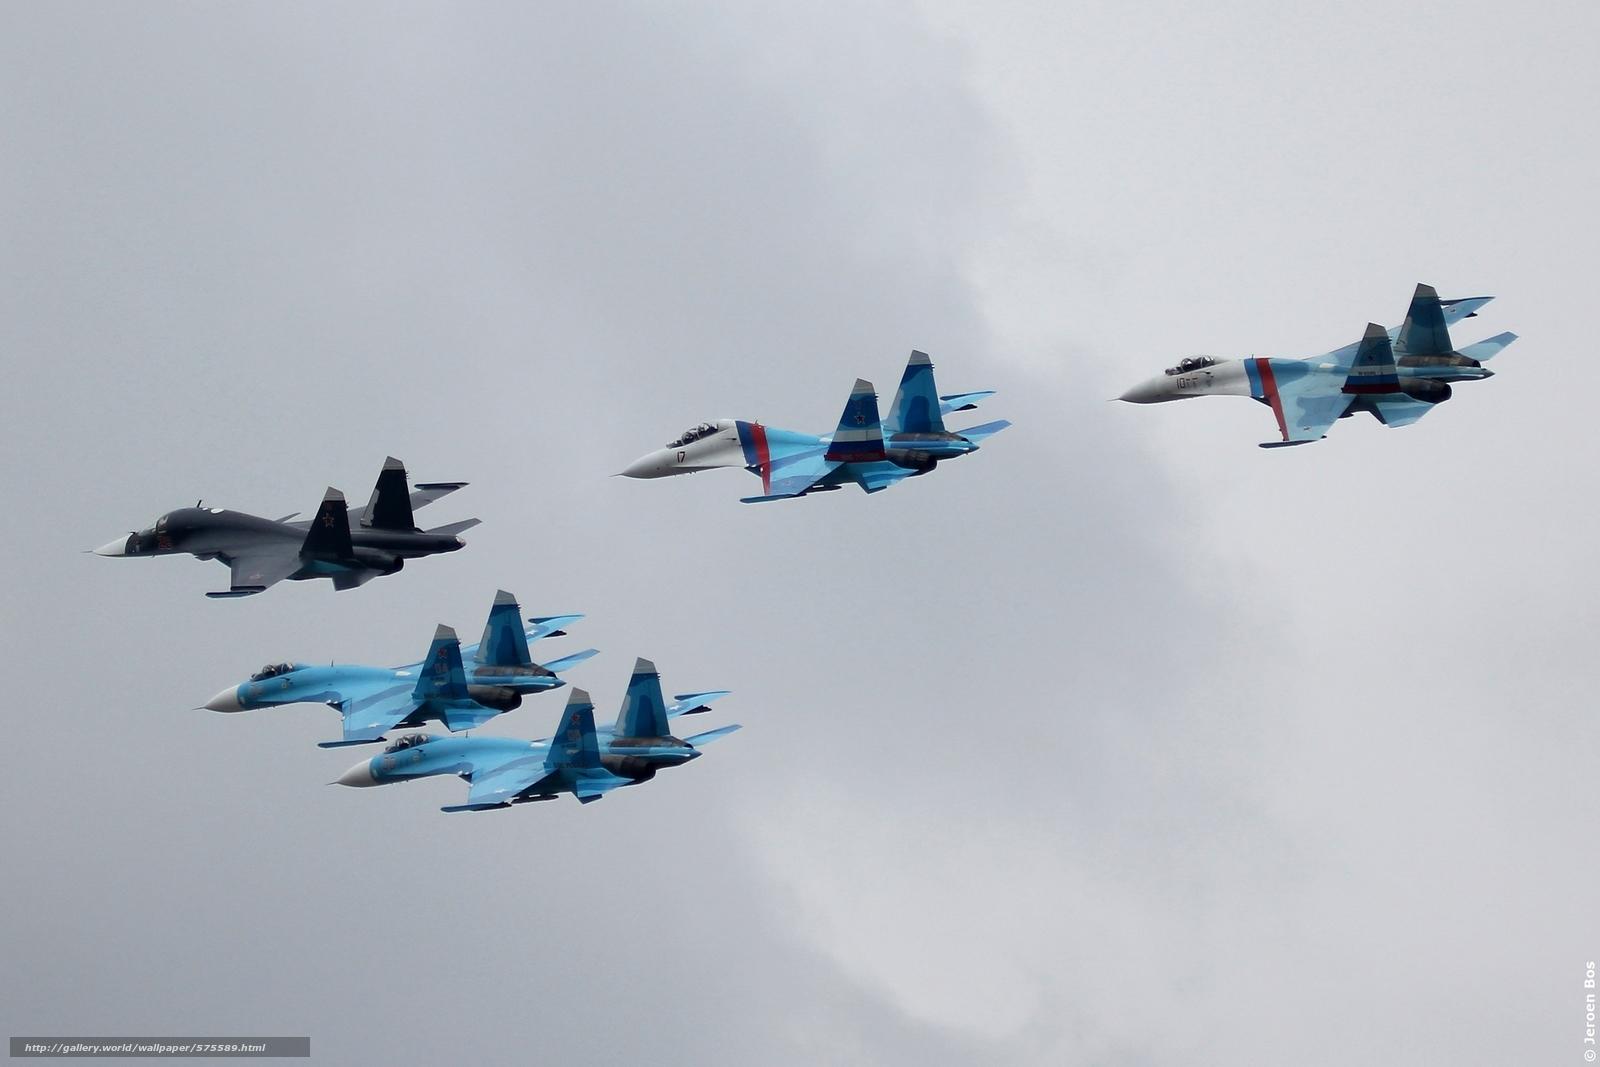 Скачать обои ВВС Росии,  самолёты,  СУ,  истребители бесплатно для рабочего стола в разрешении 2904x1936 — картинка №575589